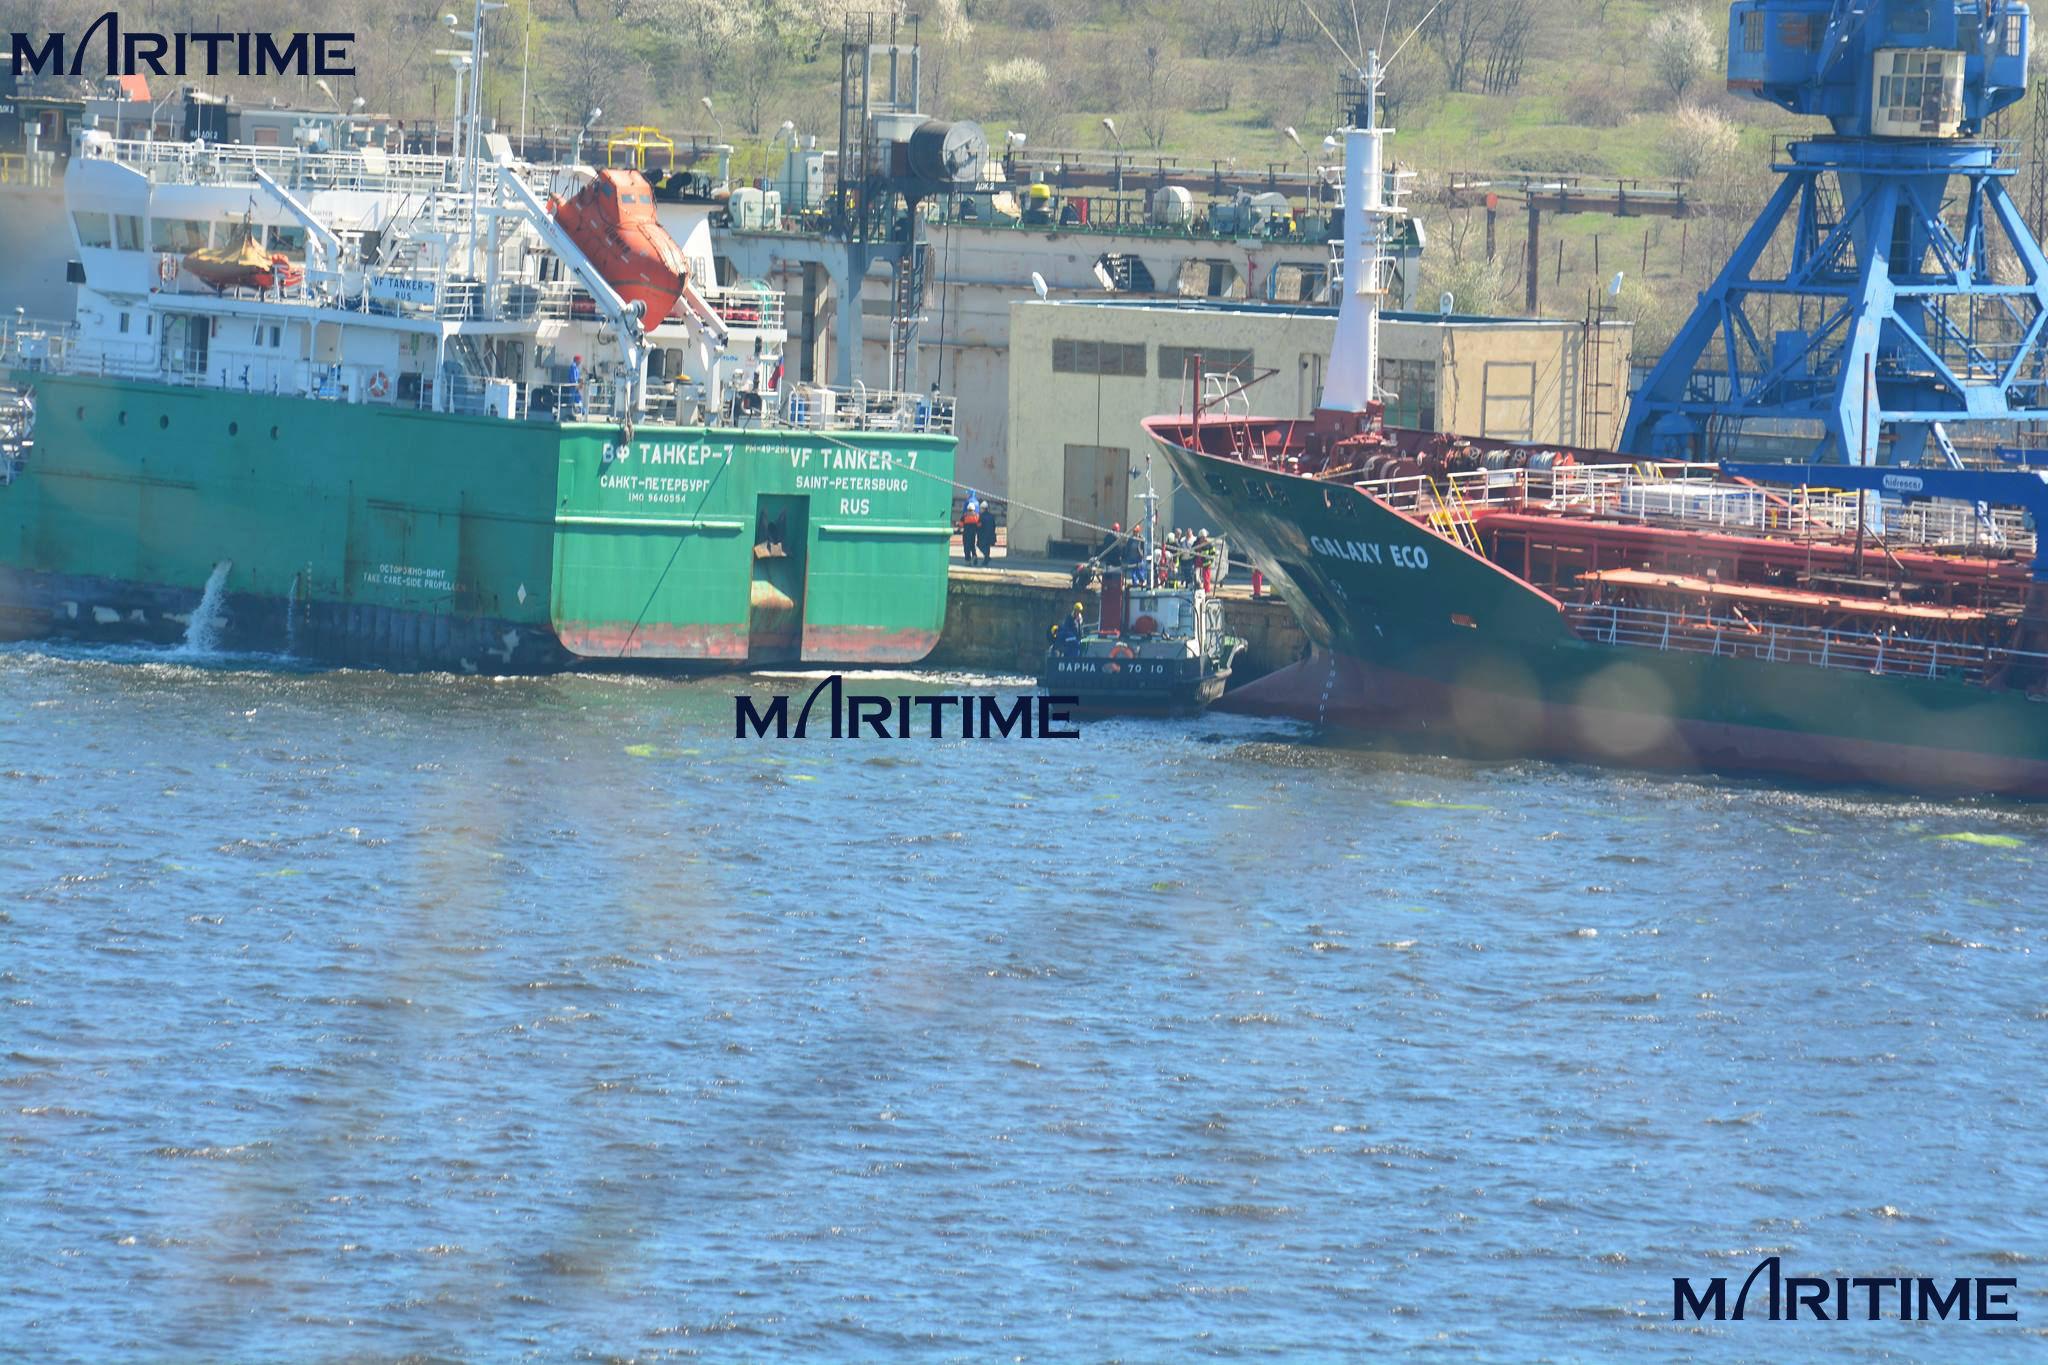 vf-tanker7